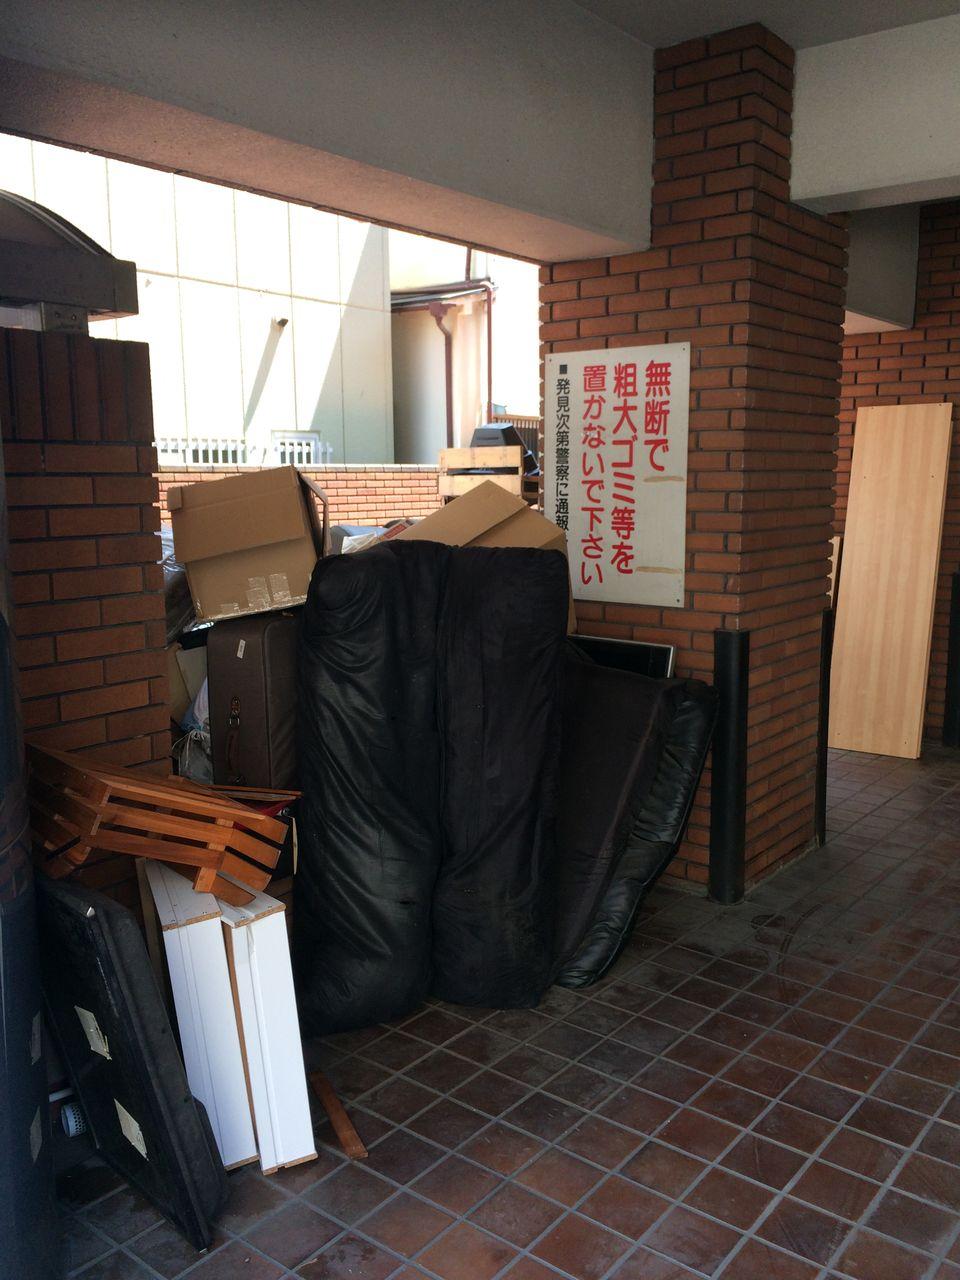 西川口ひろし川崎のヤクザ事務所が多いエリアで撮った写真・・・トラックバック